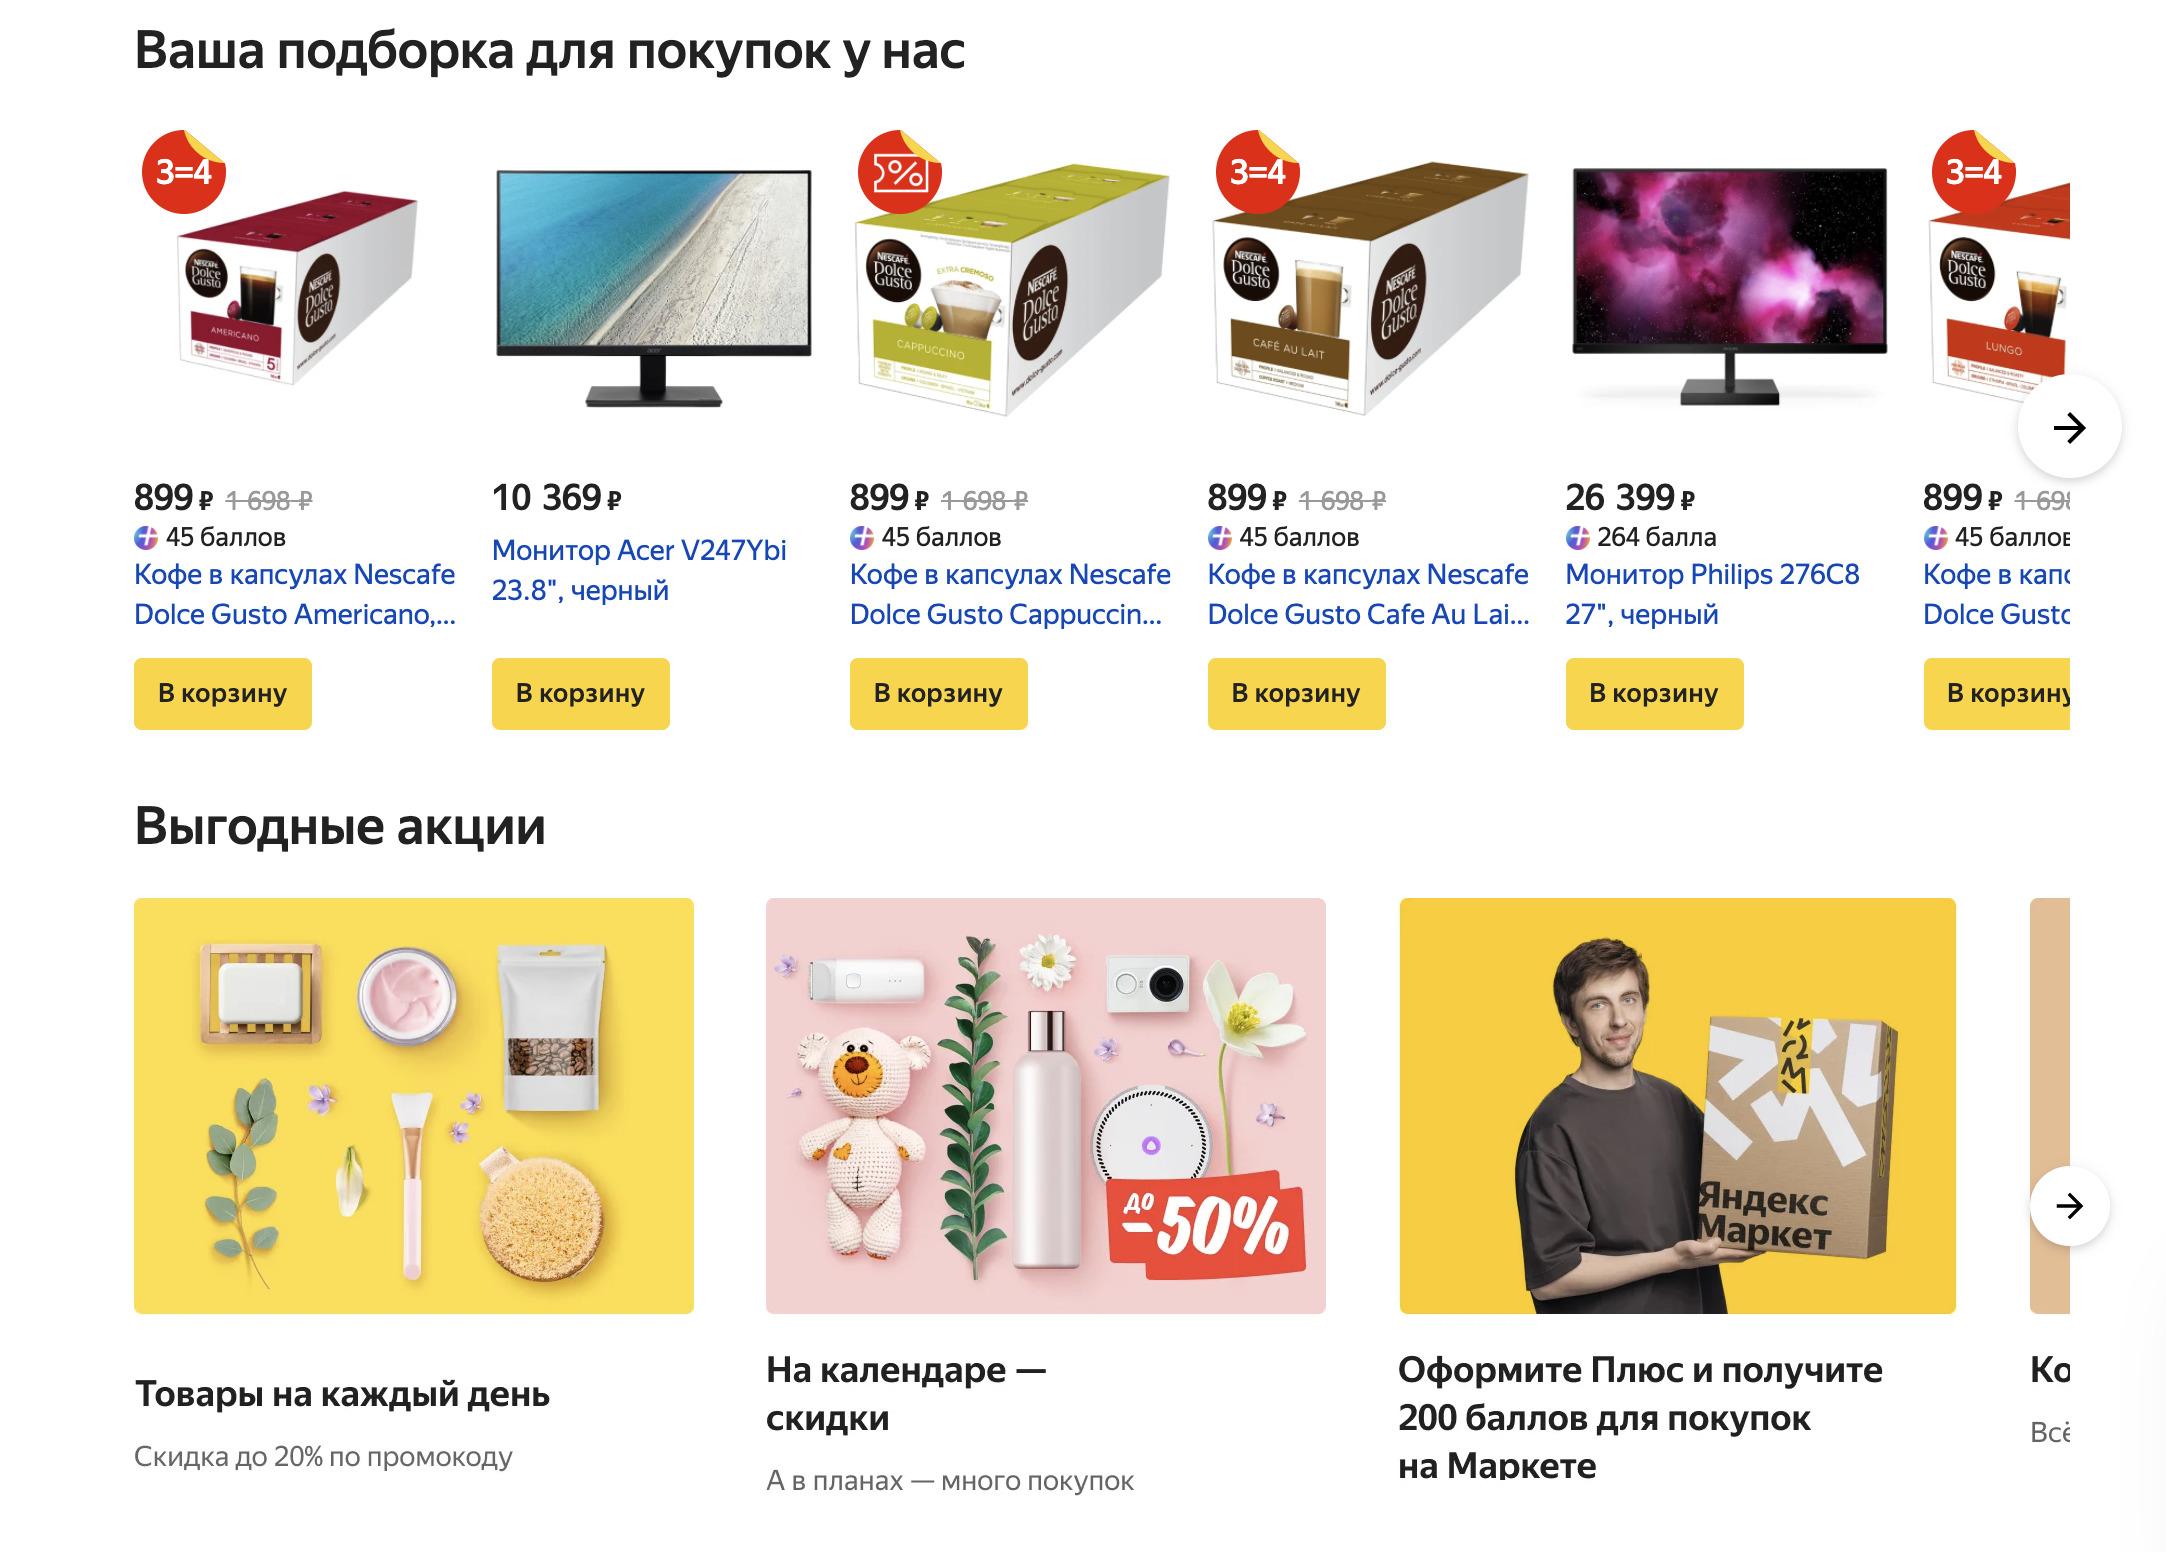 Доставка из Яндекс.Маркет в Искитим, сроки, пункты выдачи, каталог